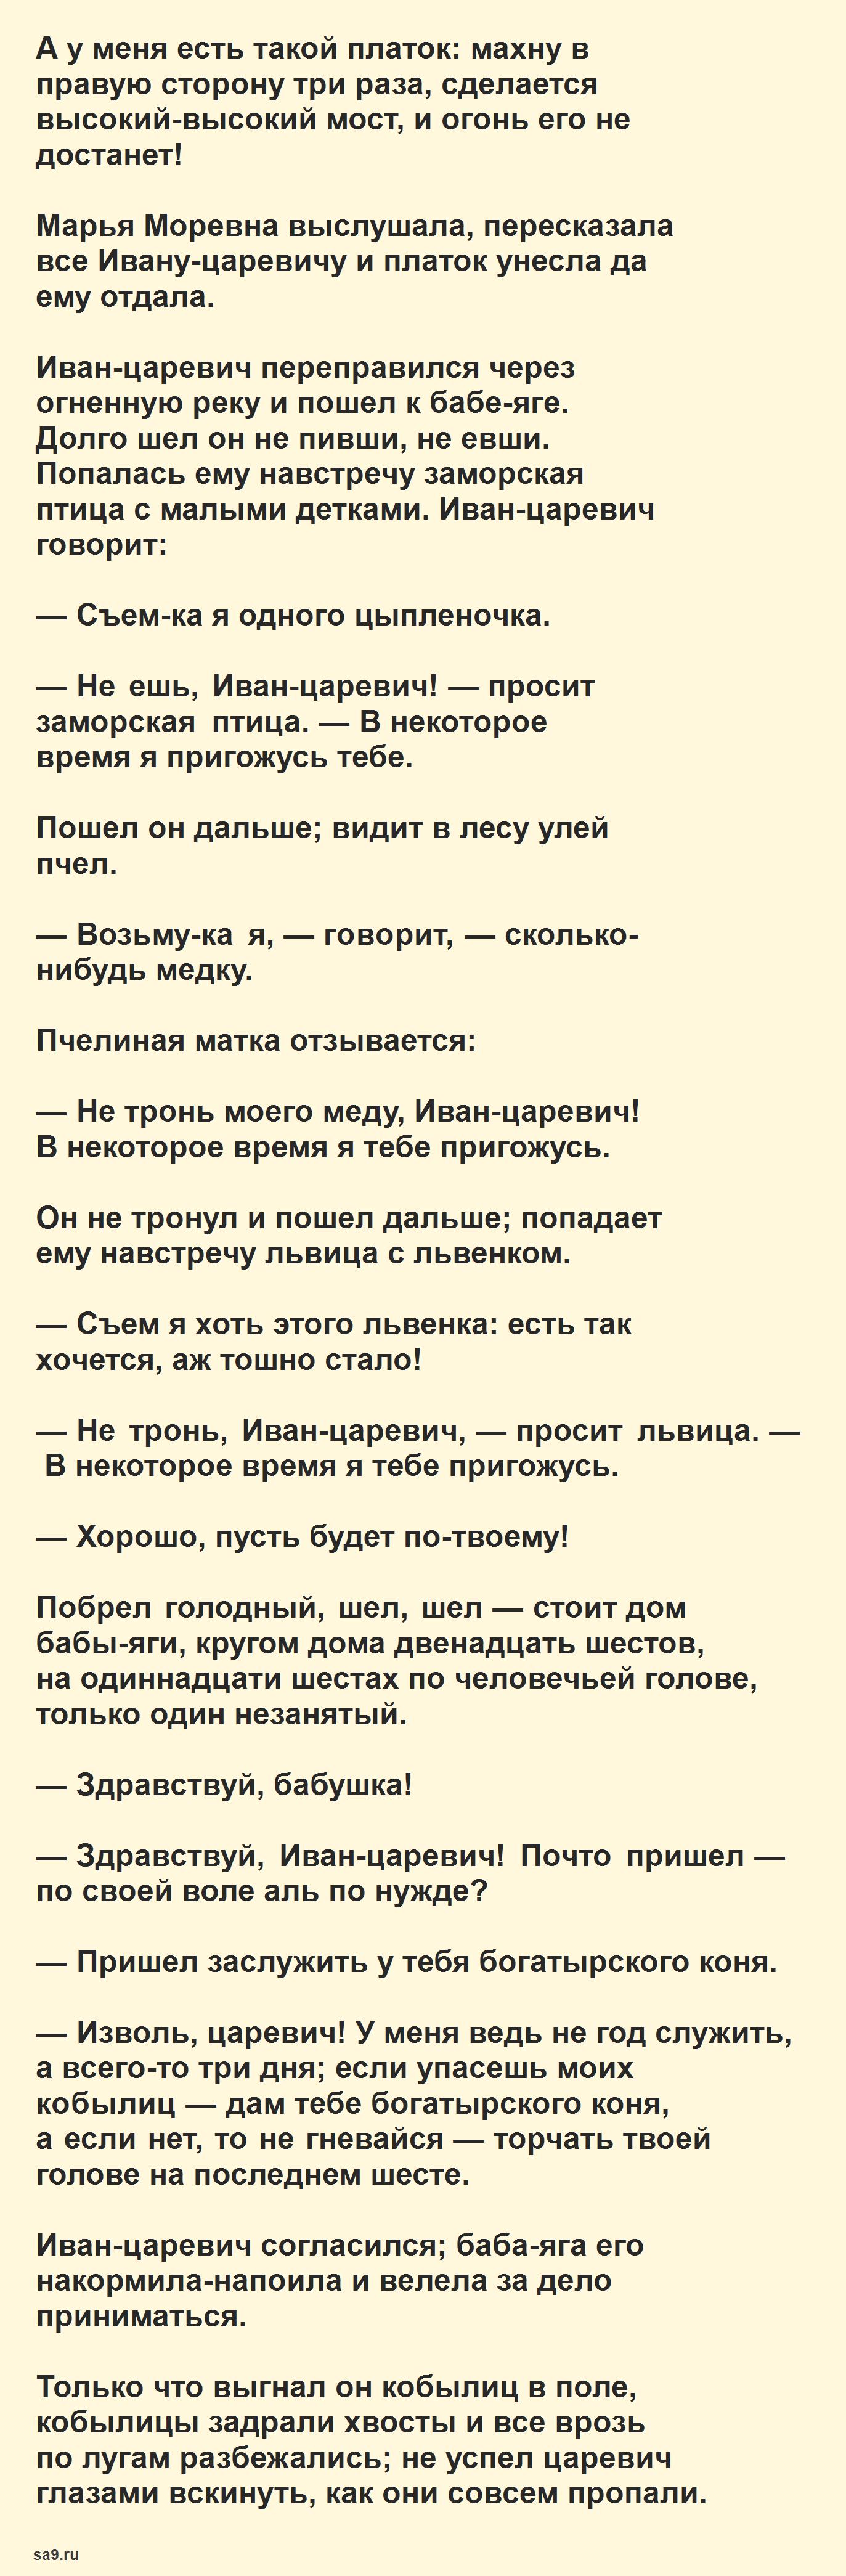 Читать русскую народную сказку - Марья Моревна, для детей